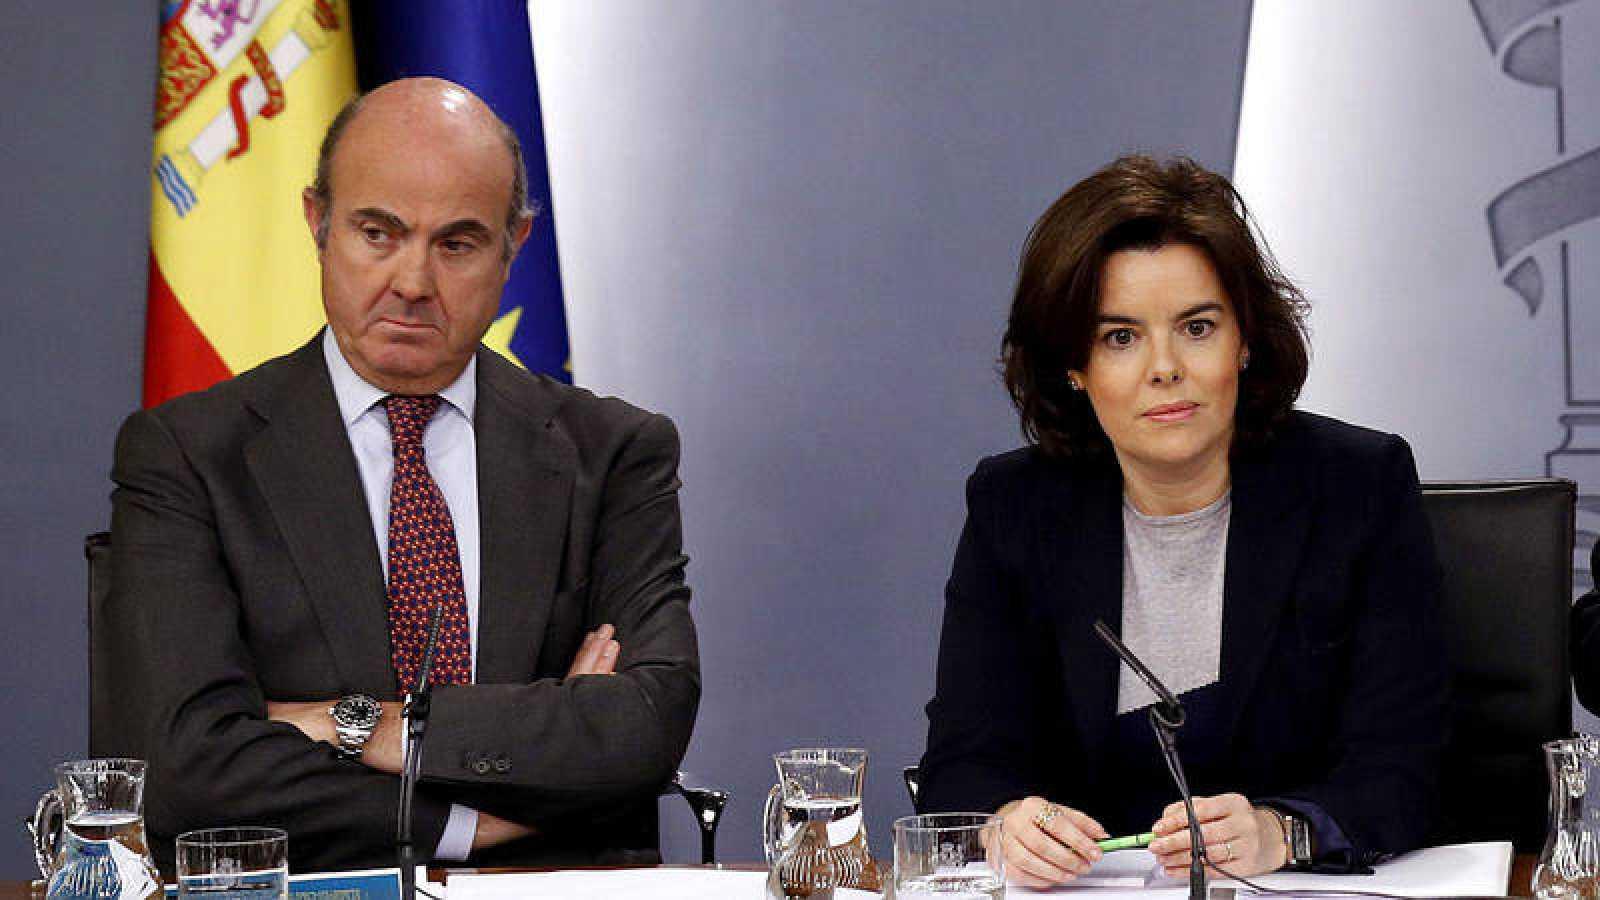 El ministro de Economía, Luís de Guindos, y la vicepresidenta del Gobierno, Soraya Saénz de Santamaría